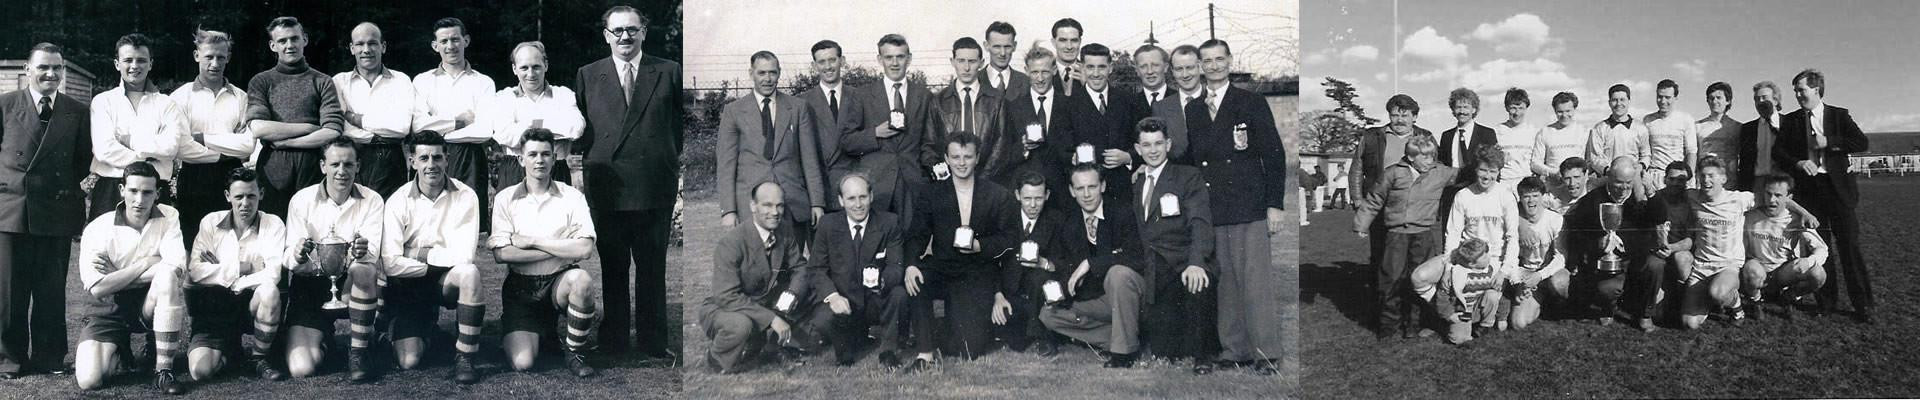 Club History